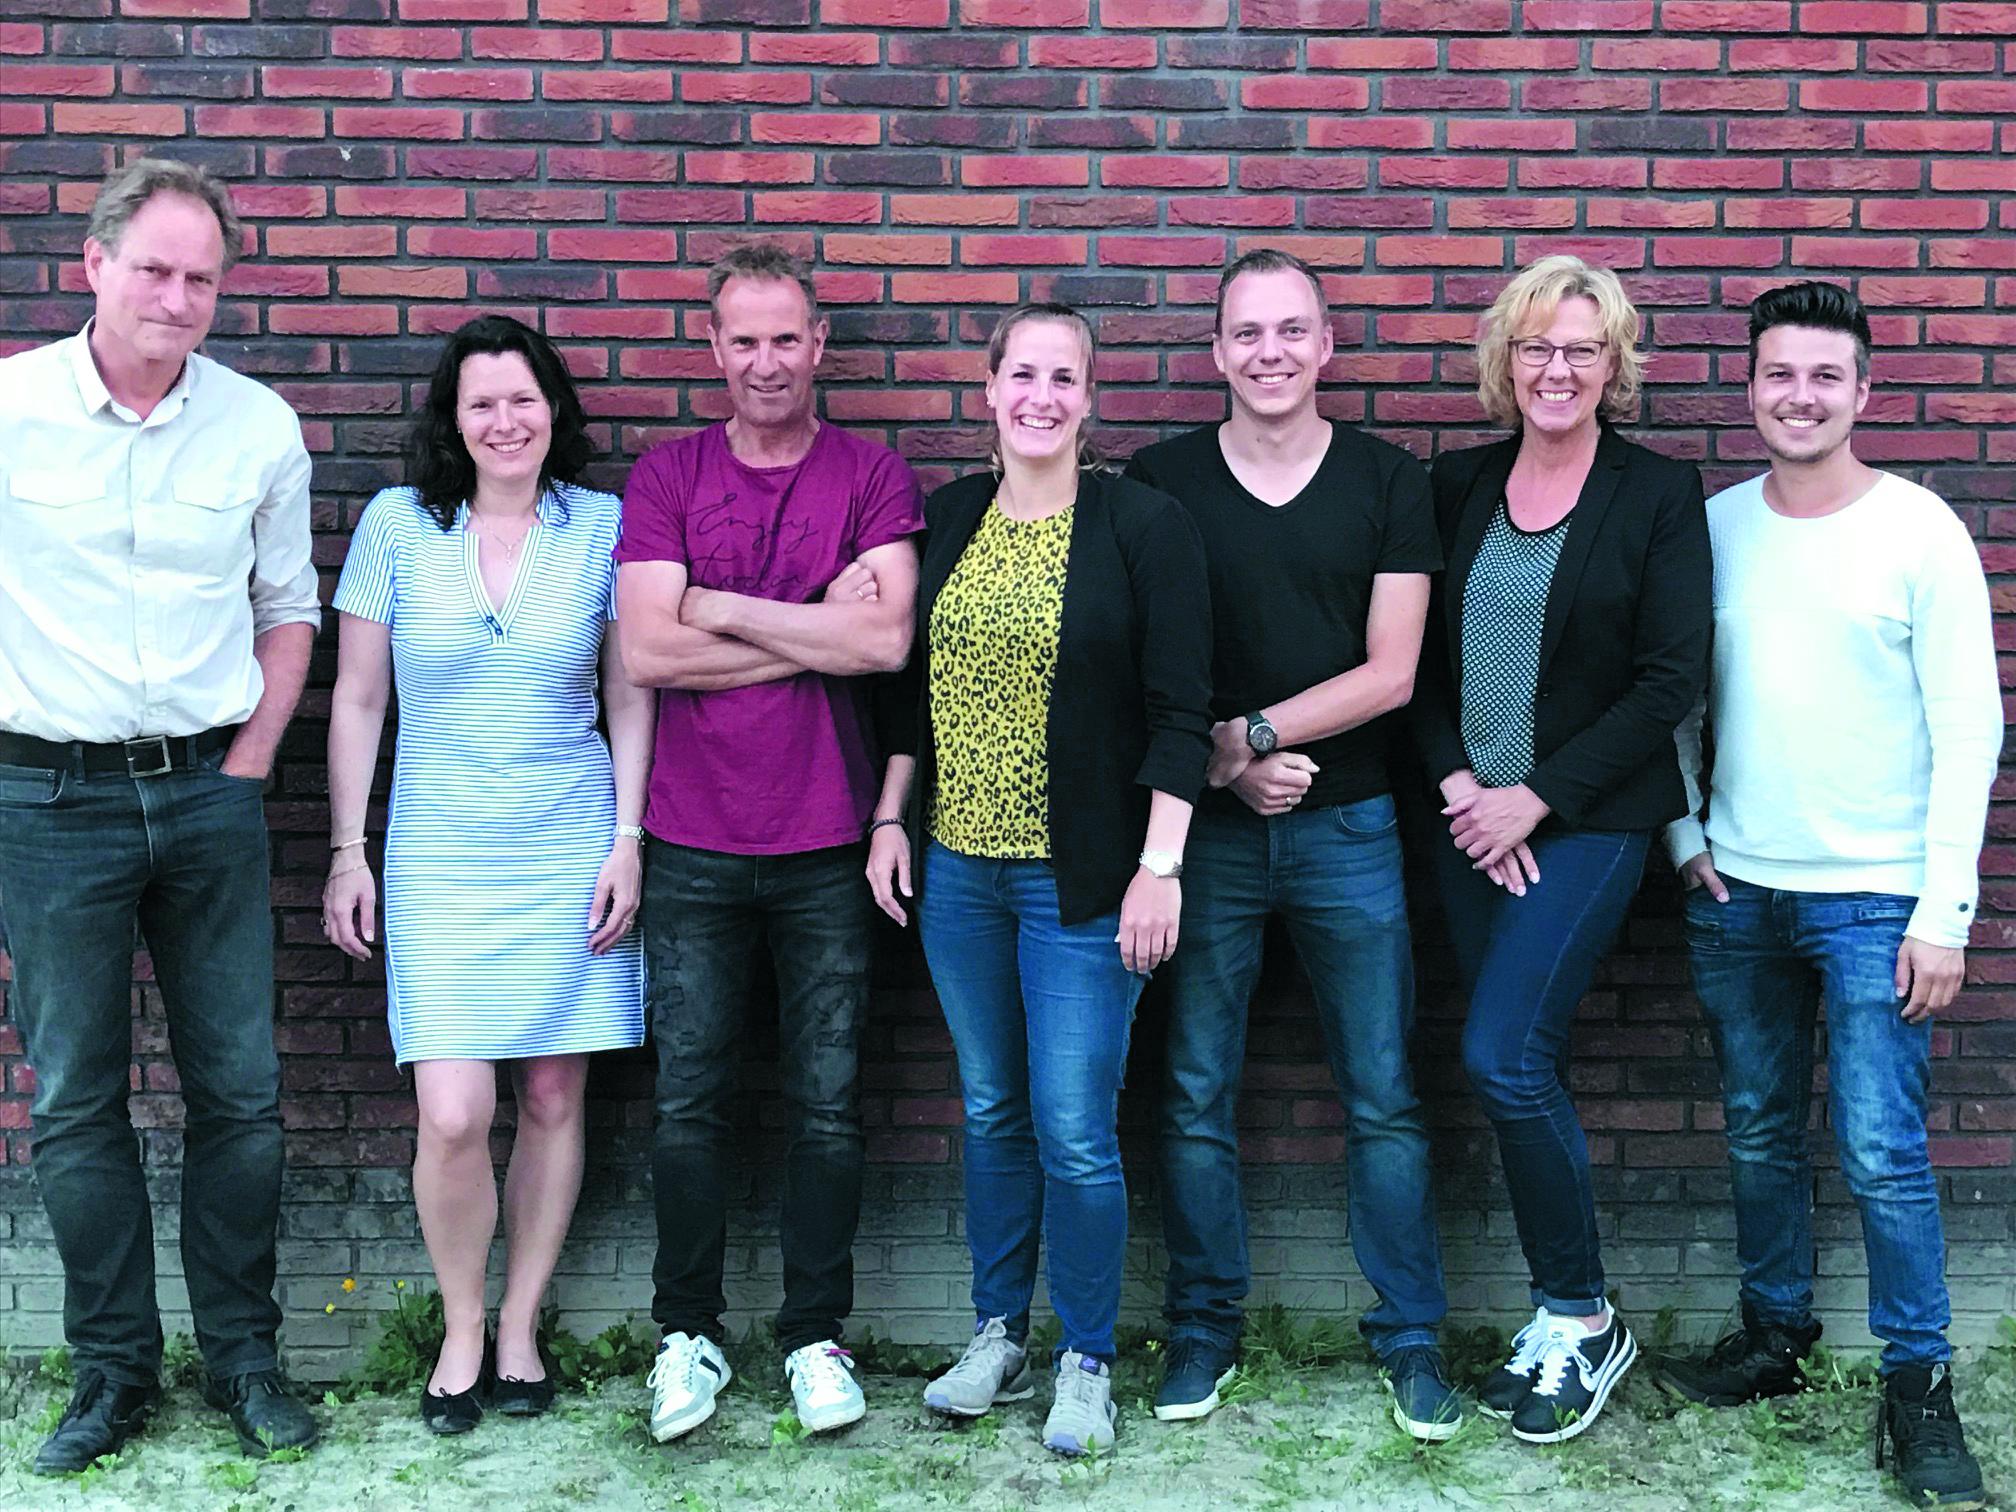 De lustrumcommissie, met van links naar rechts Kees Admiraal, Karena Water, Marcel Loopeker, Ellen Vlaar, Jeannette Jansen-van der Gragt en Karel Witte. (aangeleverde foto)